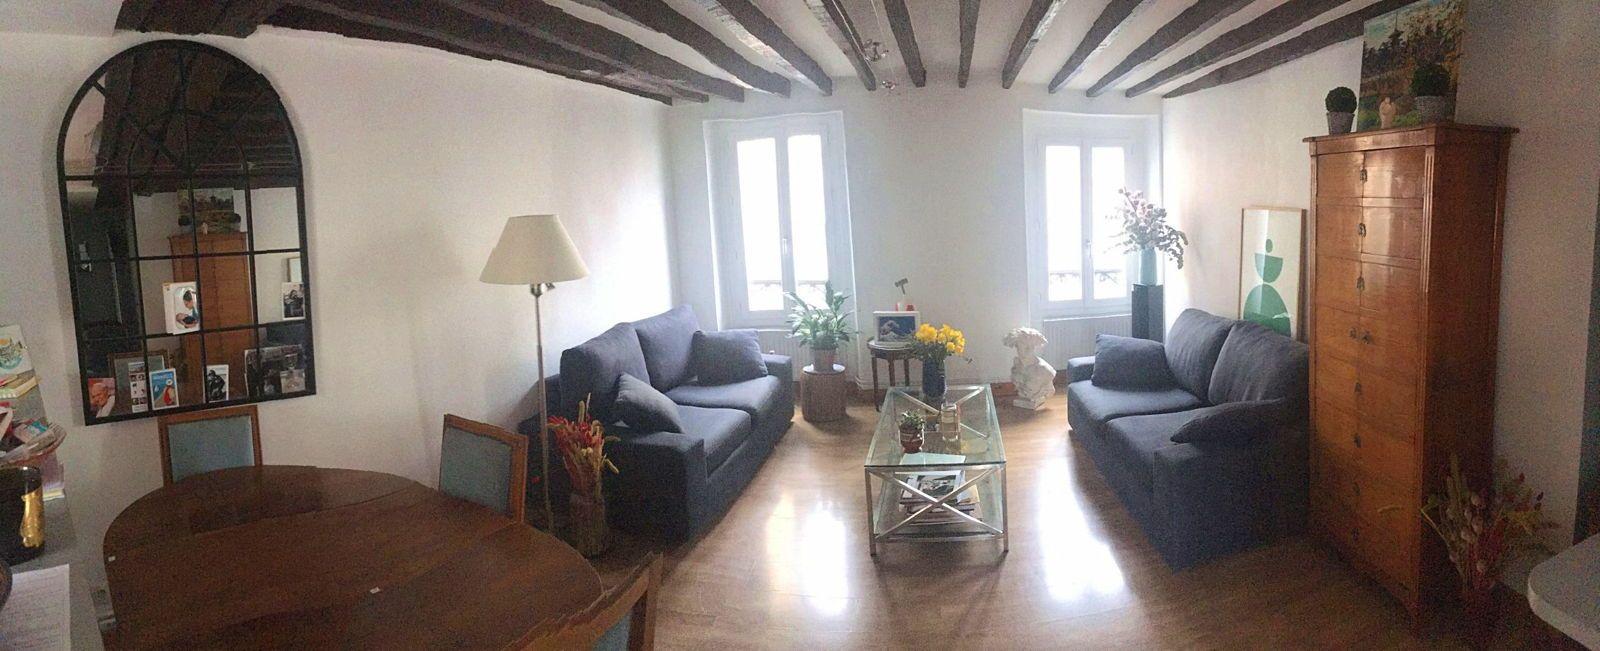 Loue T3Asnieres-sur-Seine 55m² 2chambres